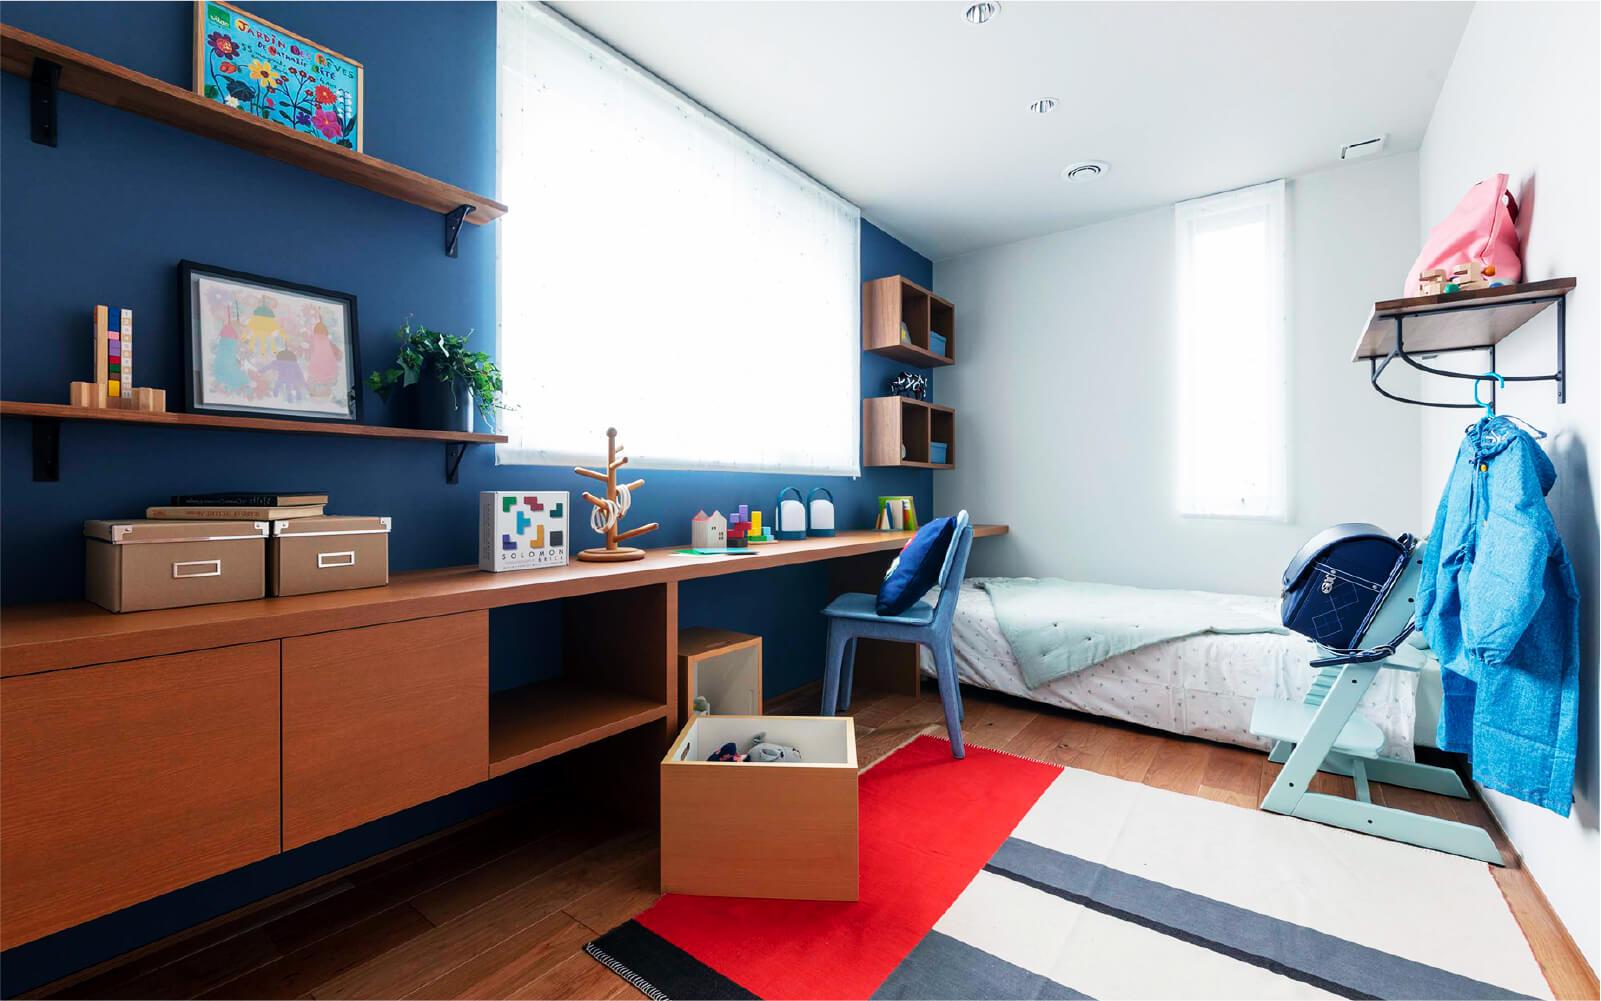 トヨタホームさんの平屋住宅「シンセ・スマートステージプラス(平屋)」の子ども部屋の写真